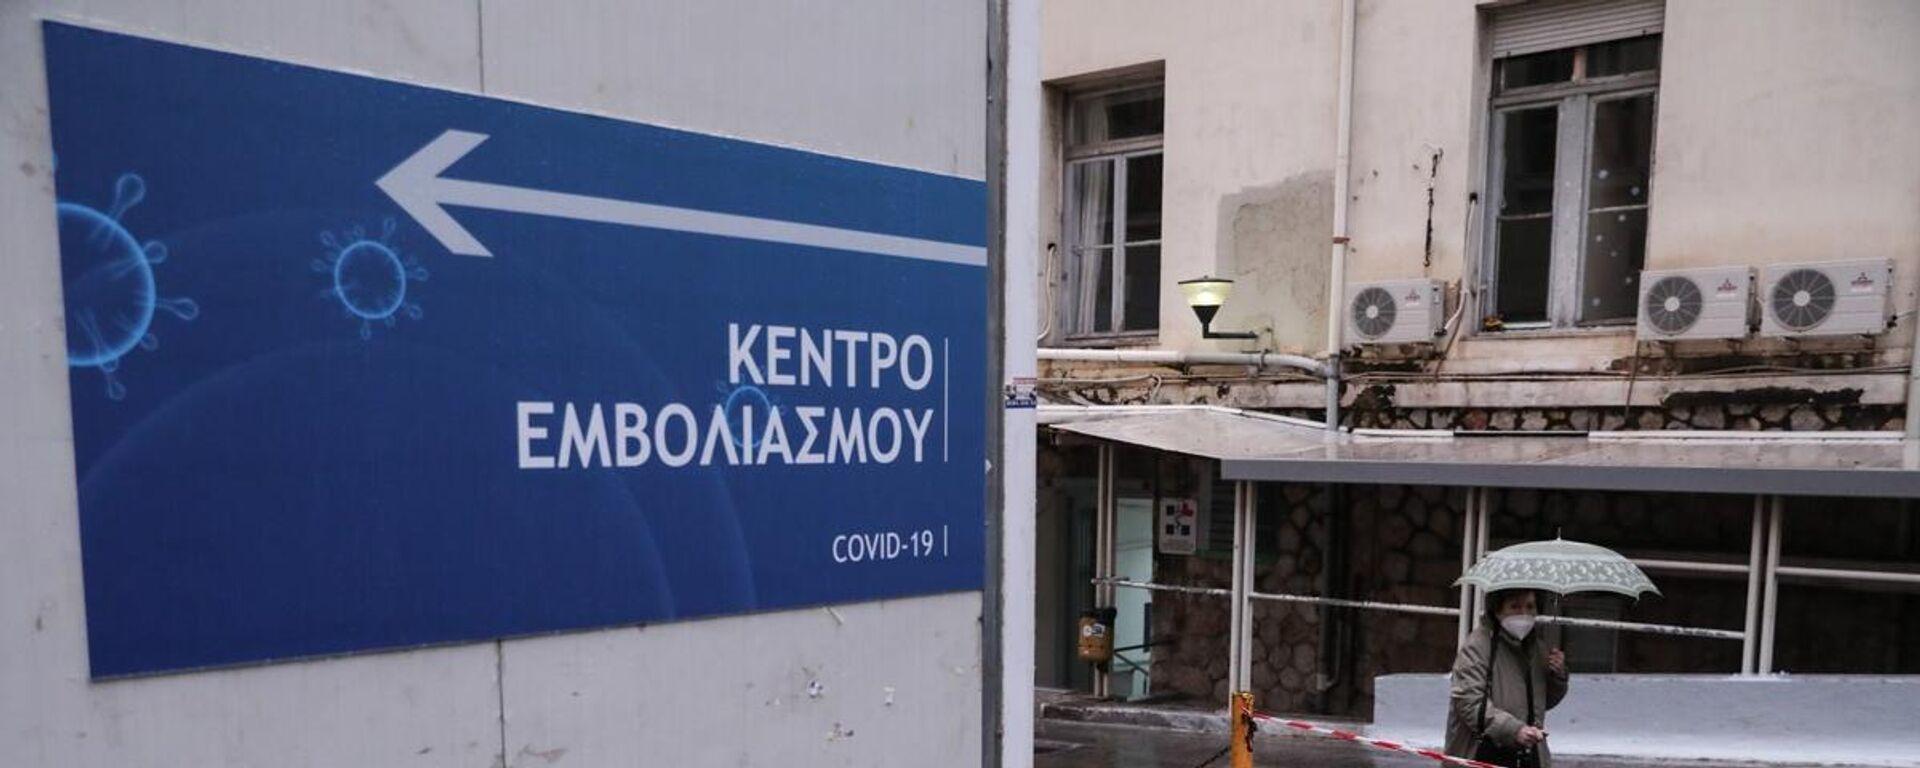 Εμβολιαστικό κέντρο - Sputnik Ελλάδα, 1920, 16.09.2021